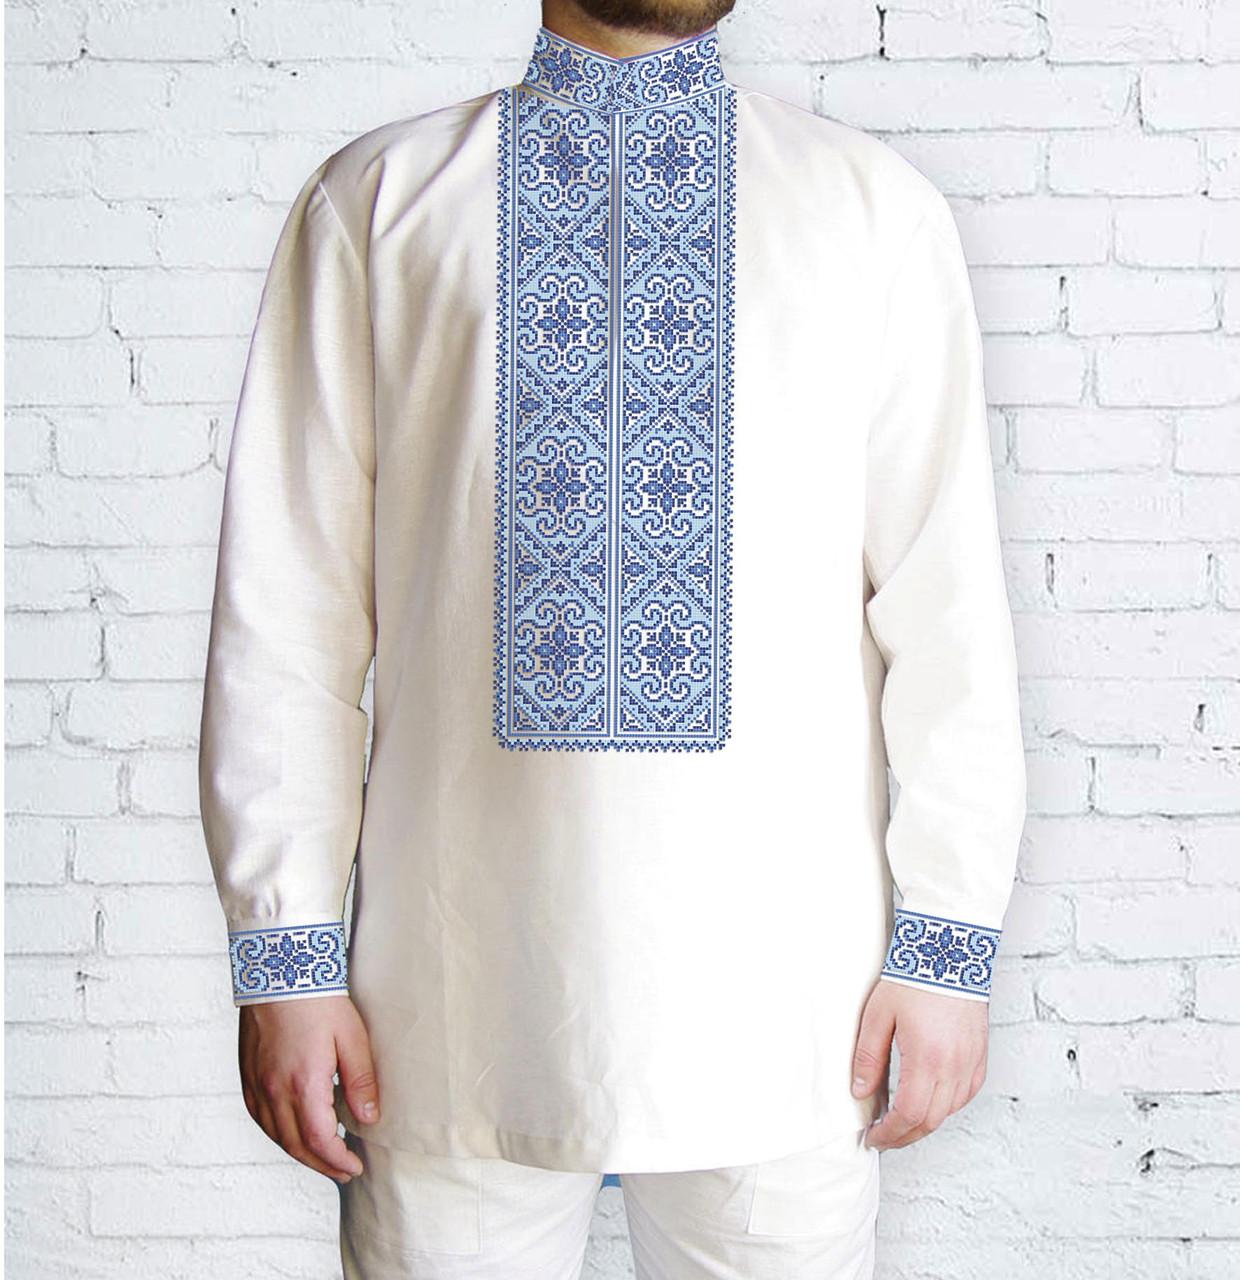 Заготовка чоловічої сорочки та вишиванки для вишивки чи вишивання бісером Бисерок «Орнамент 519 Г» (Ч-519 Г )